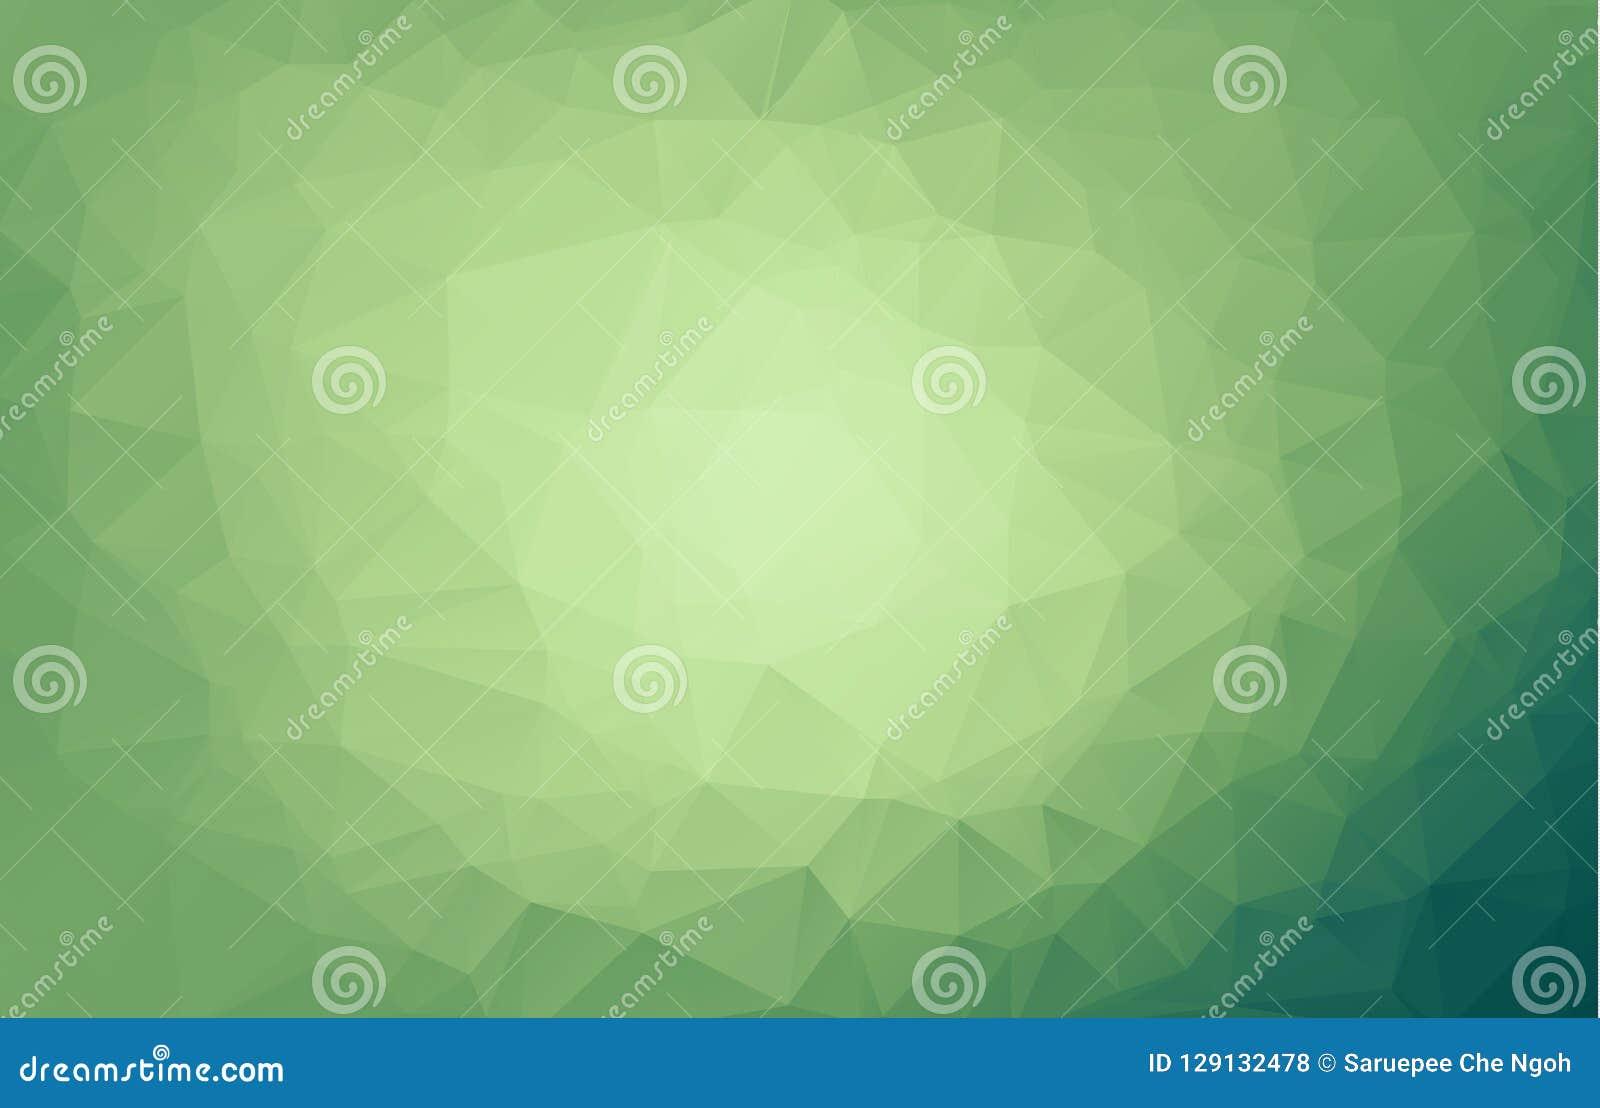 浅绿色的传染媒介模糊的三角背景 与梯度的一个典雅的明亮的例证 您的busi的一个全新的设计